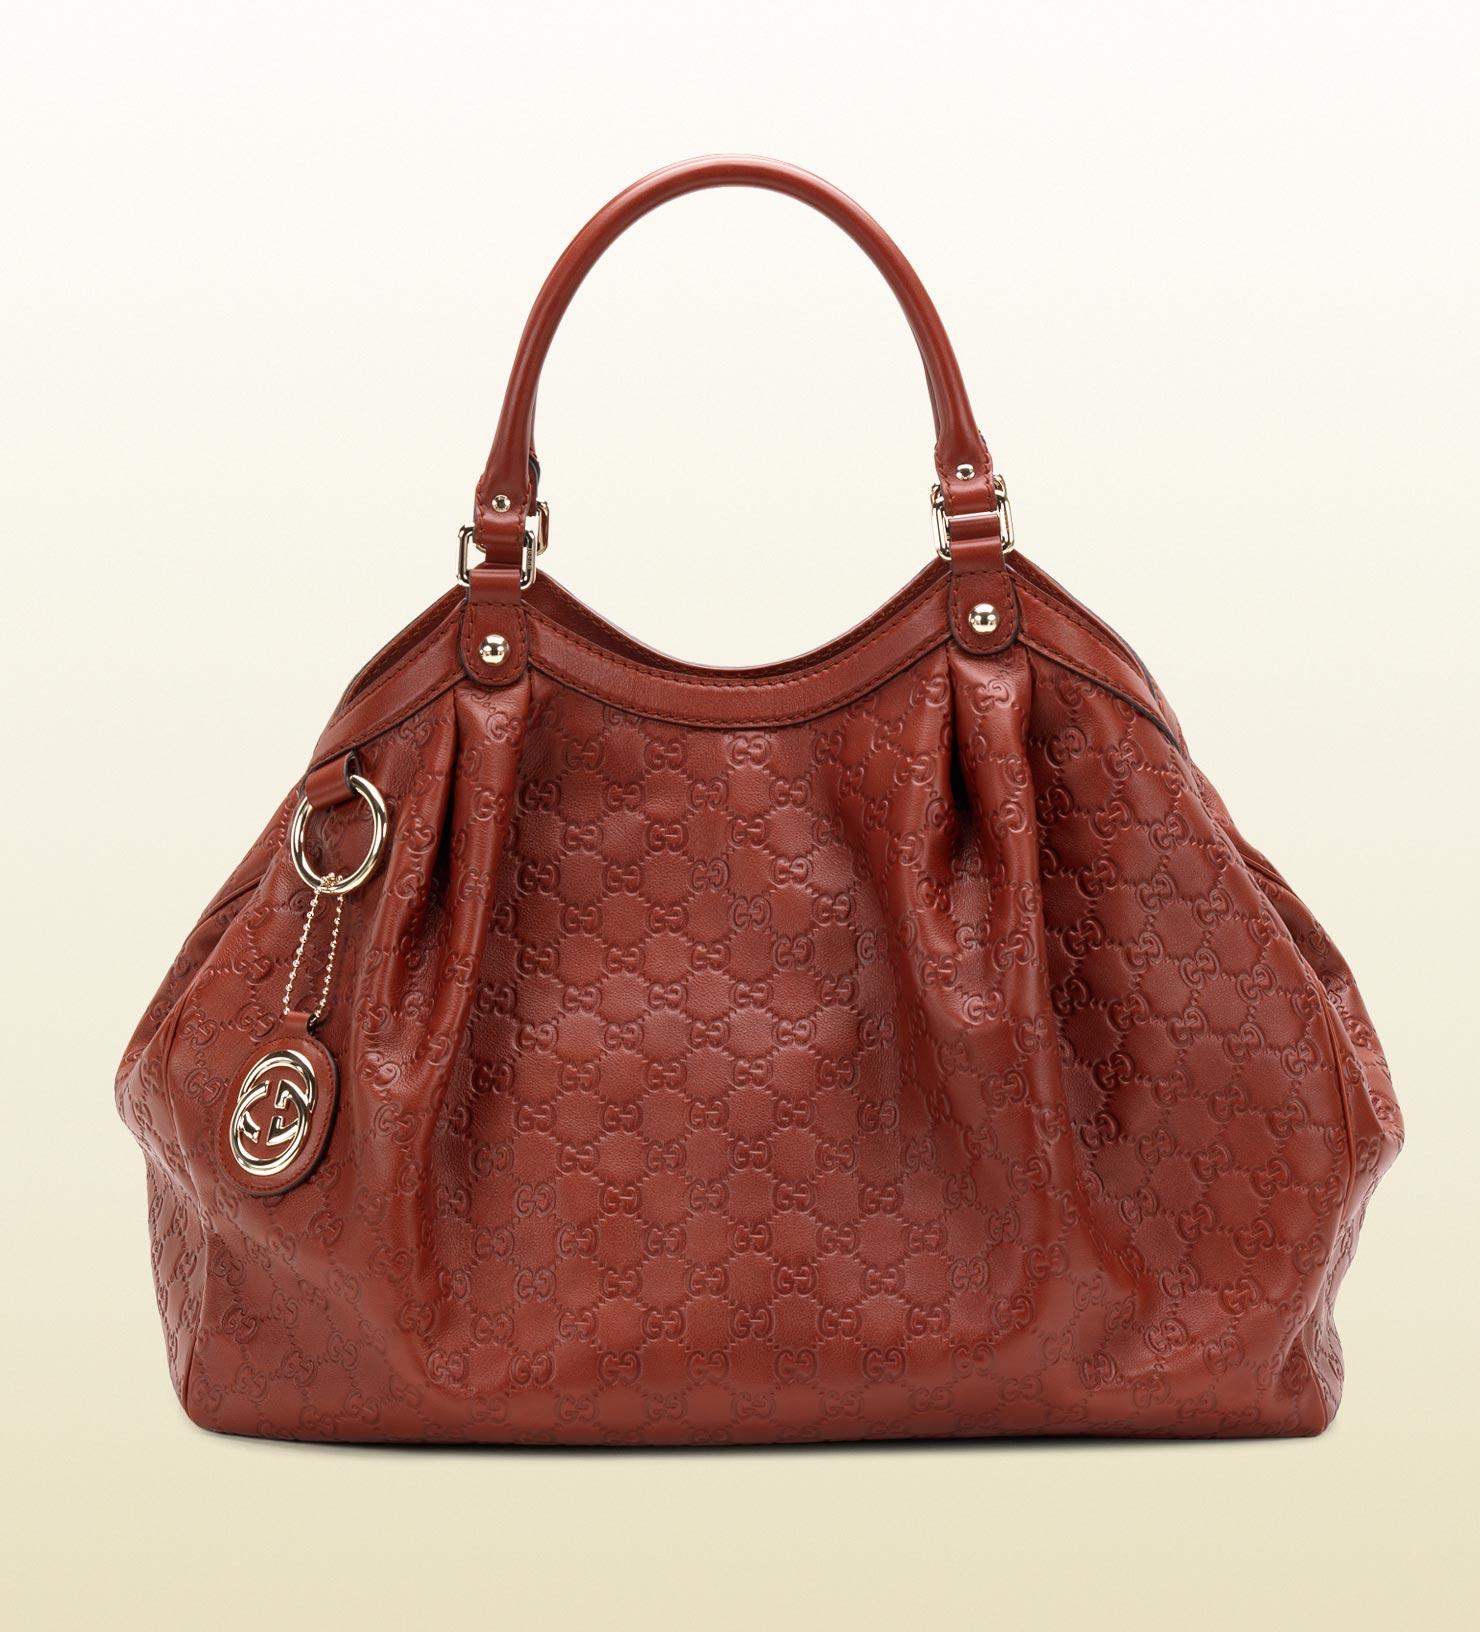 106e035285ad Gucci Sukey Guccissima Leather Tote in Brown - Lyst